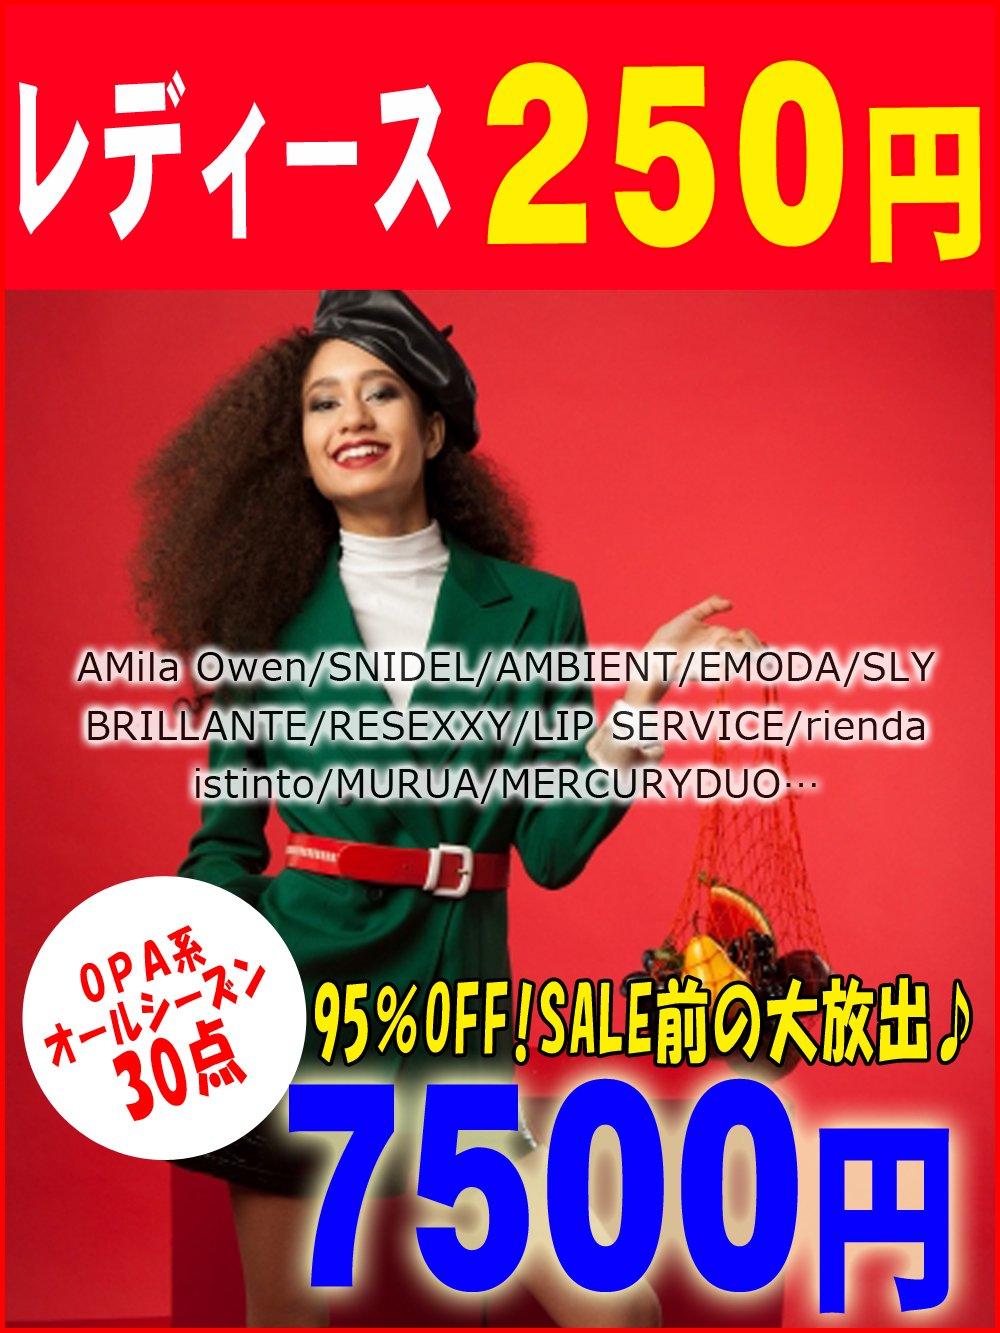 【95%OFF】セール前に大放出!!OPA系ブランドアイテム【30点】@250